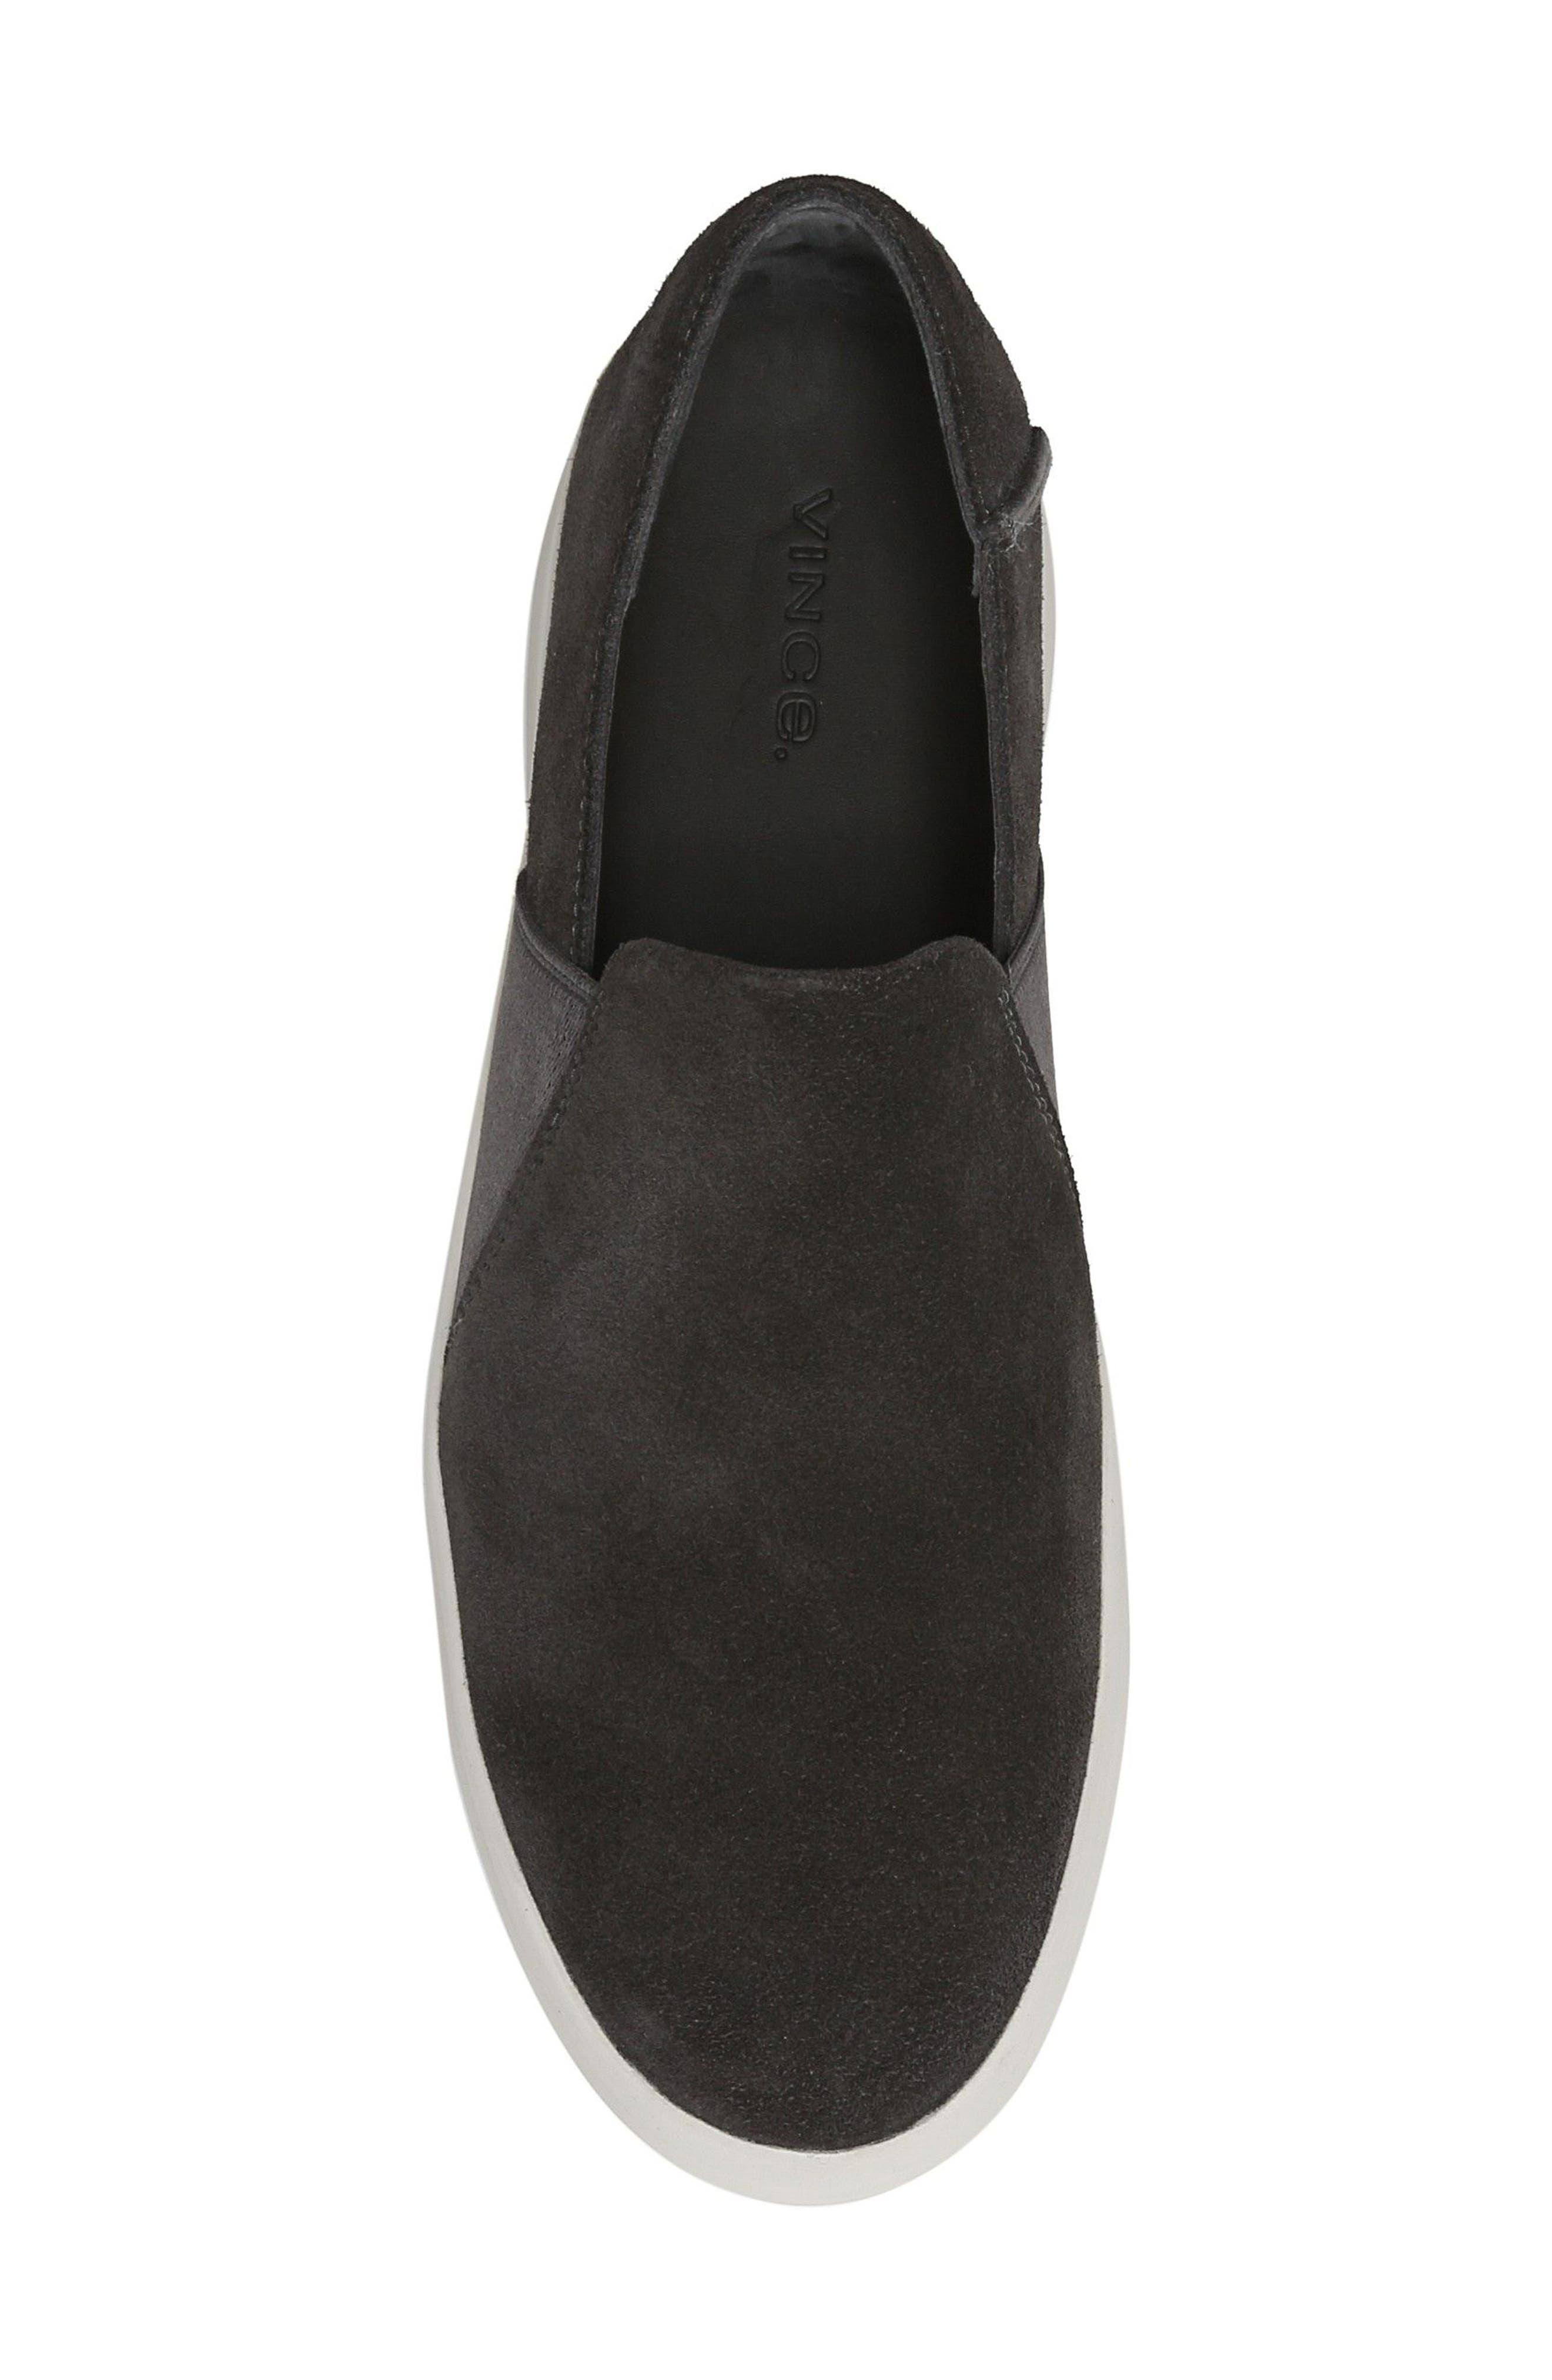 Carlin Slip-On Sneaker,                             Alternate thumbnail 5, color,                             020